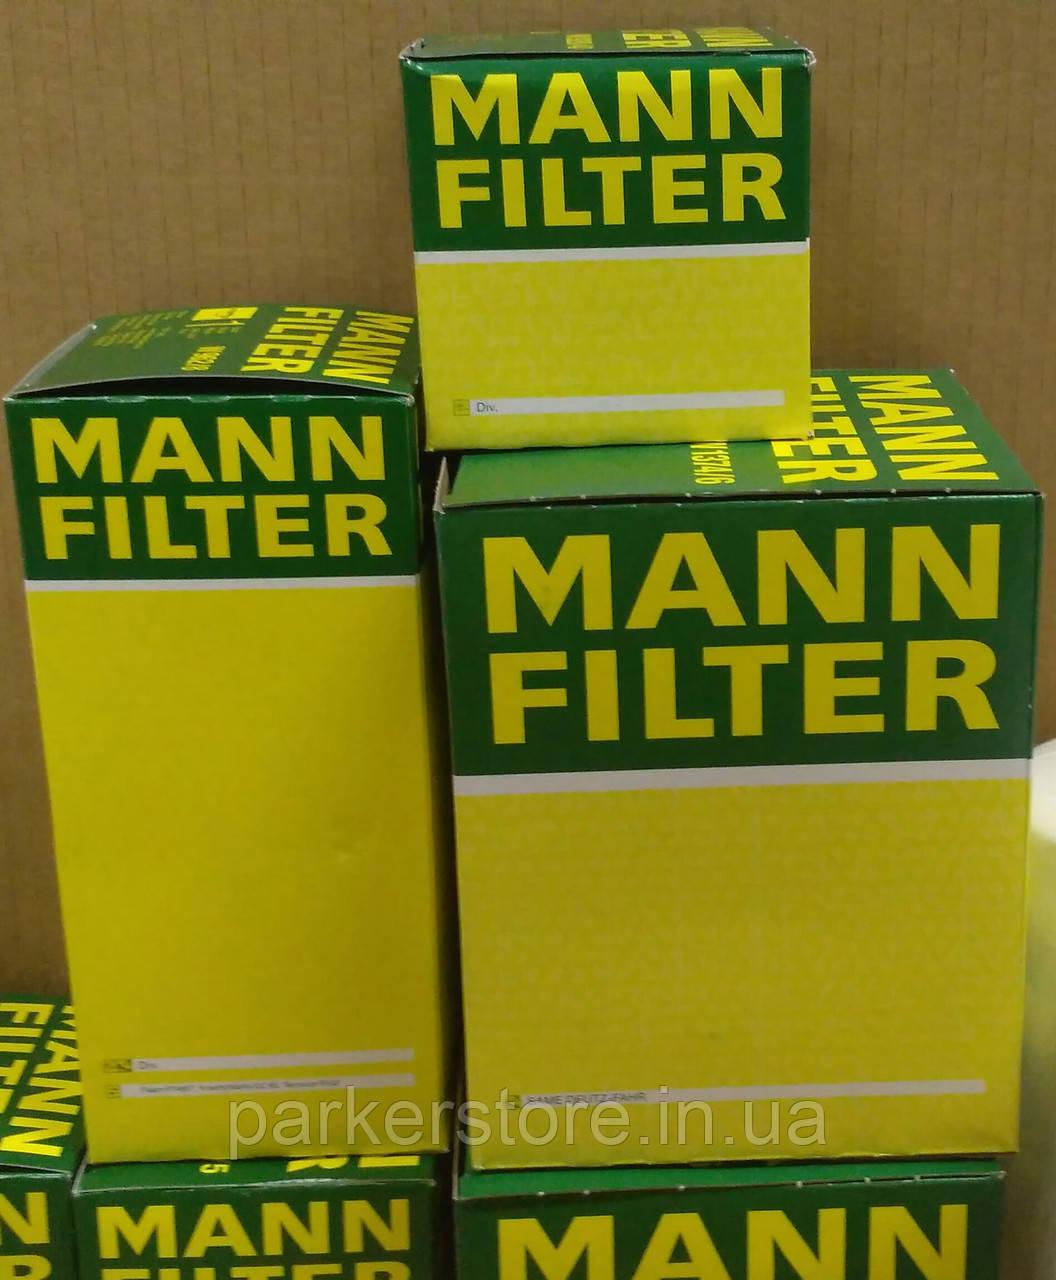 MANN FILTER / Повітряний фільтр / C 28 122 / C28122